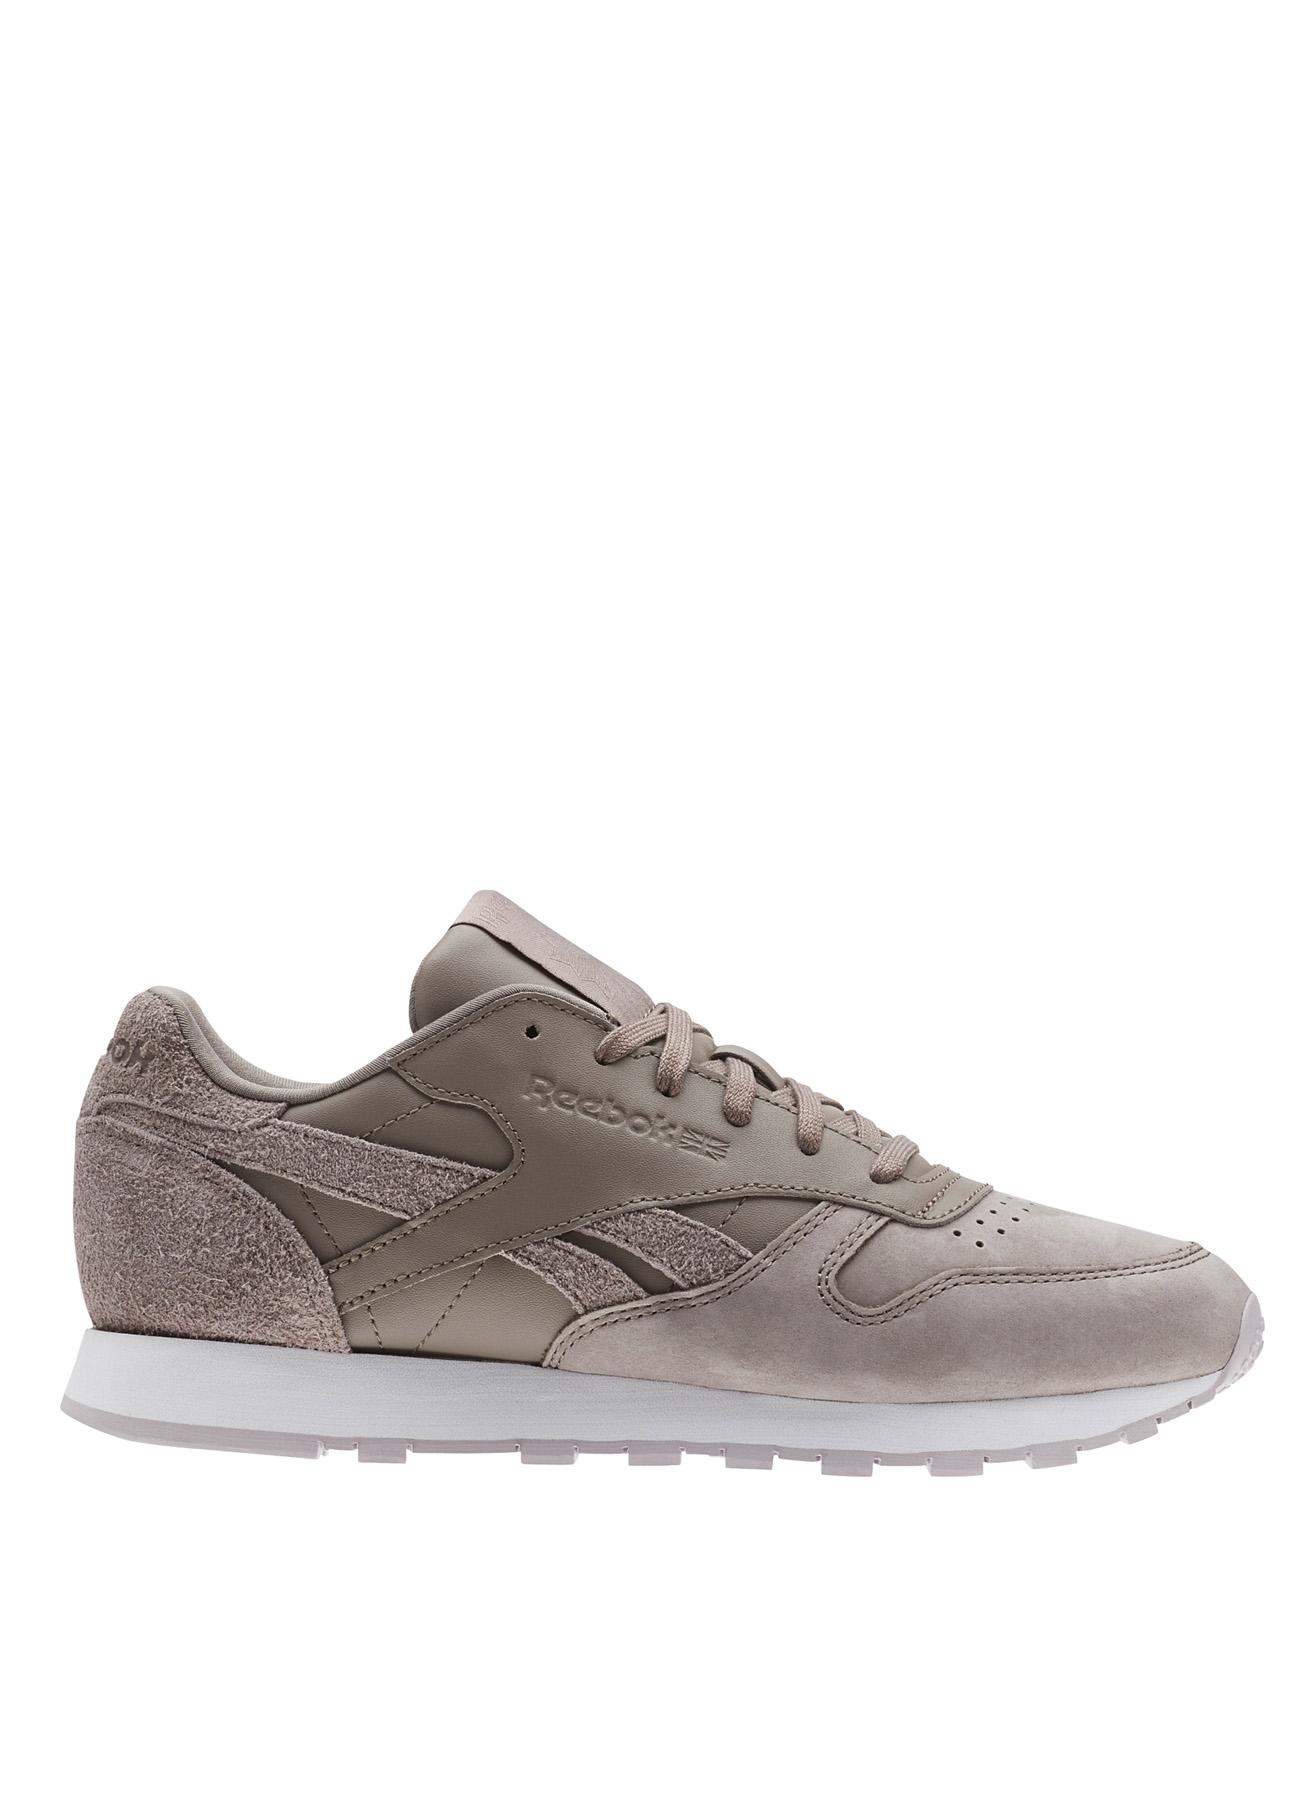 Reebok CL Leather Lıfestyle Ayakkabı 37 5001633198002 Ürün Resmi